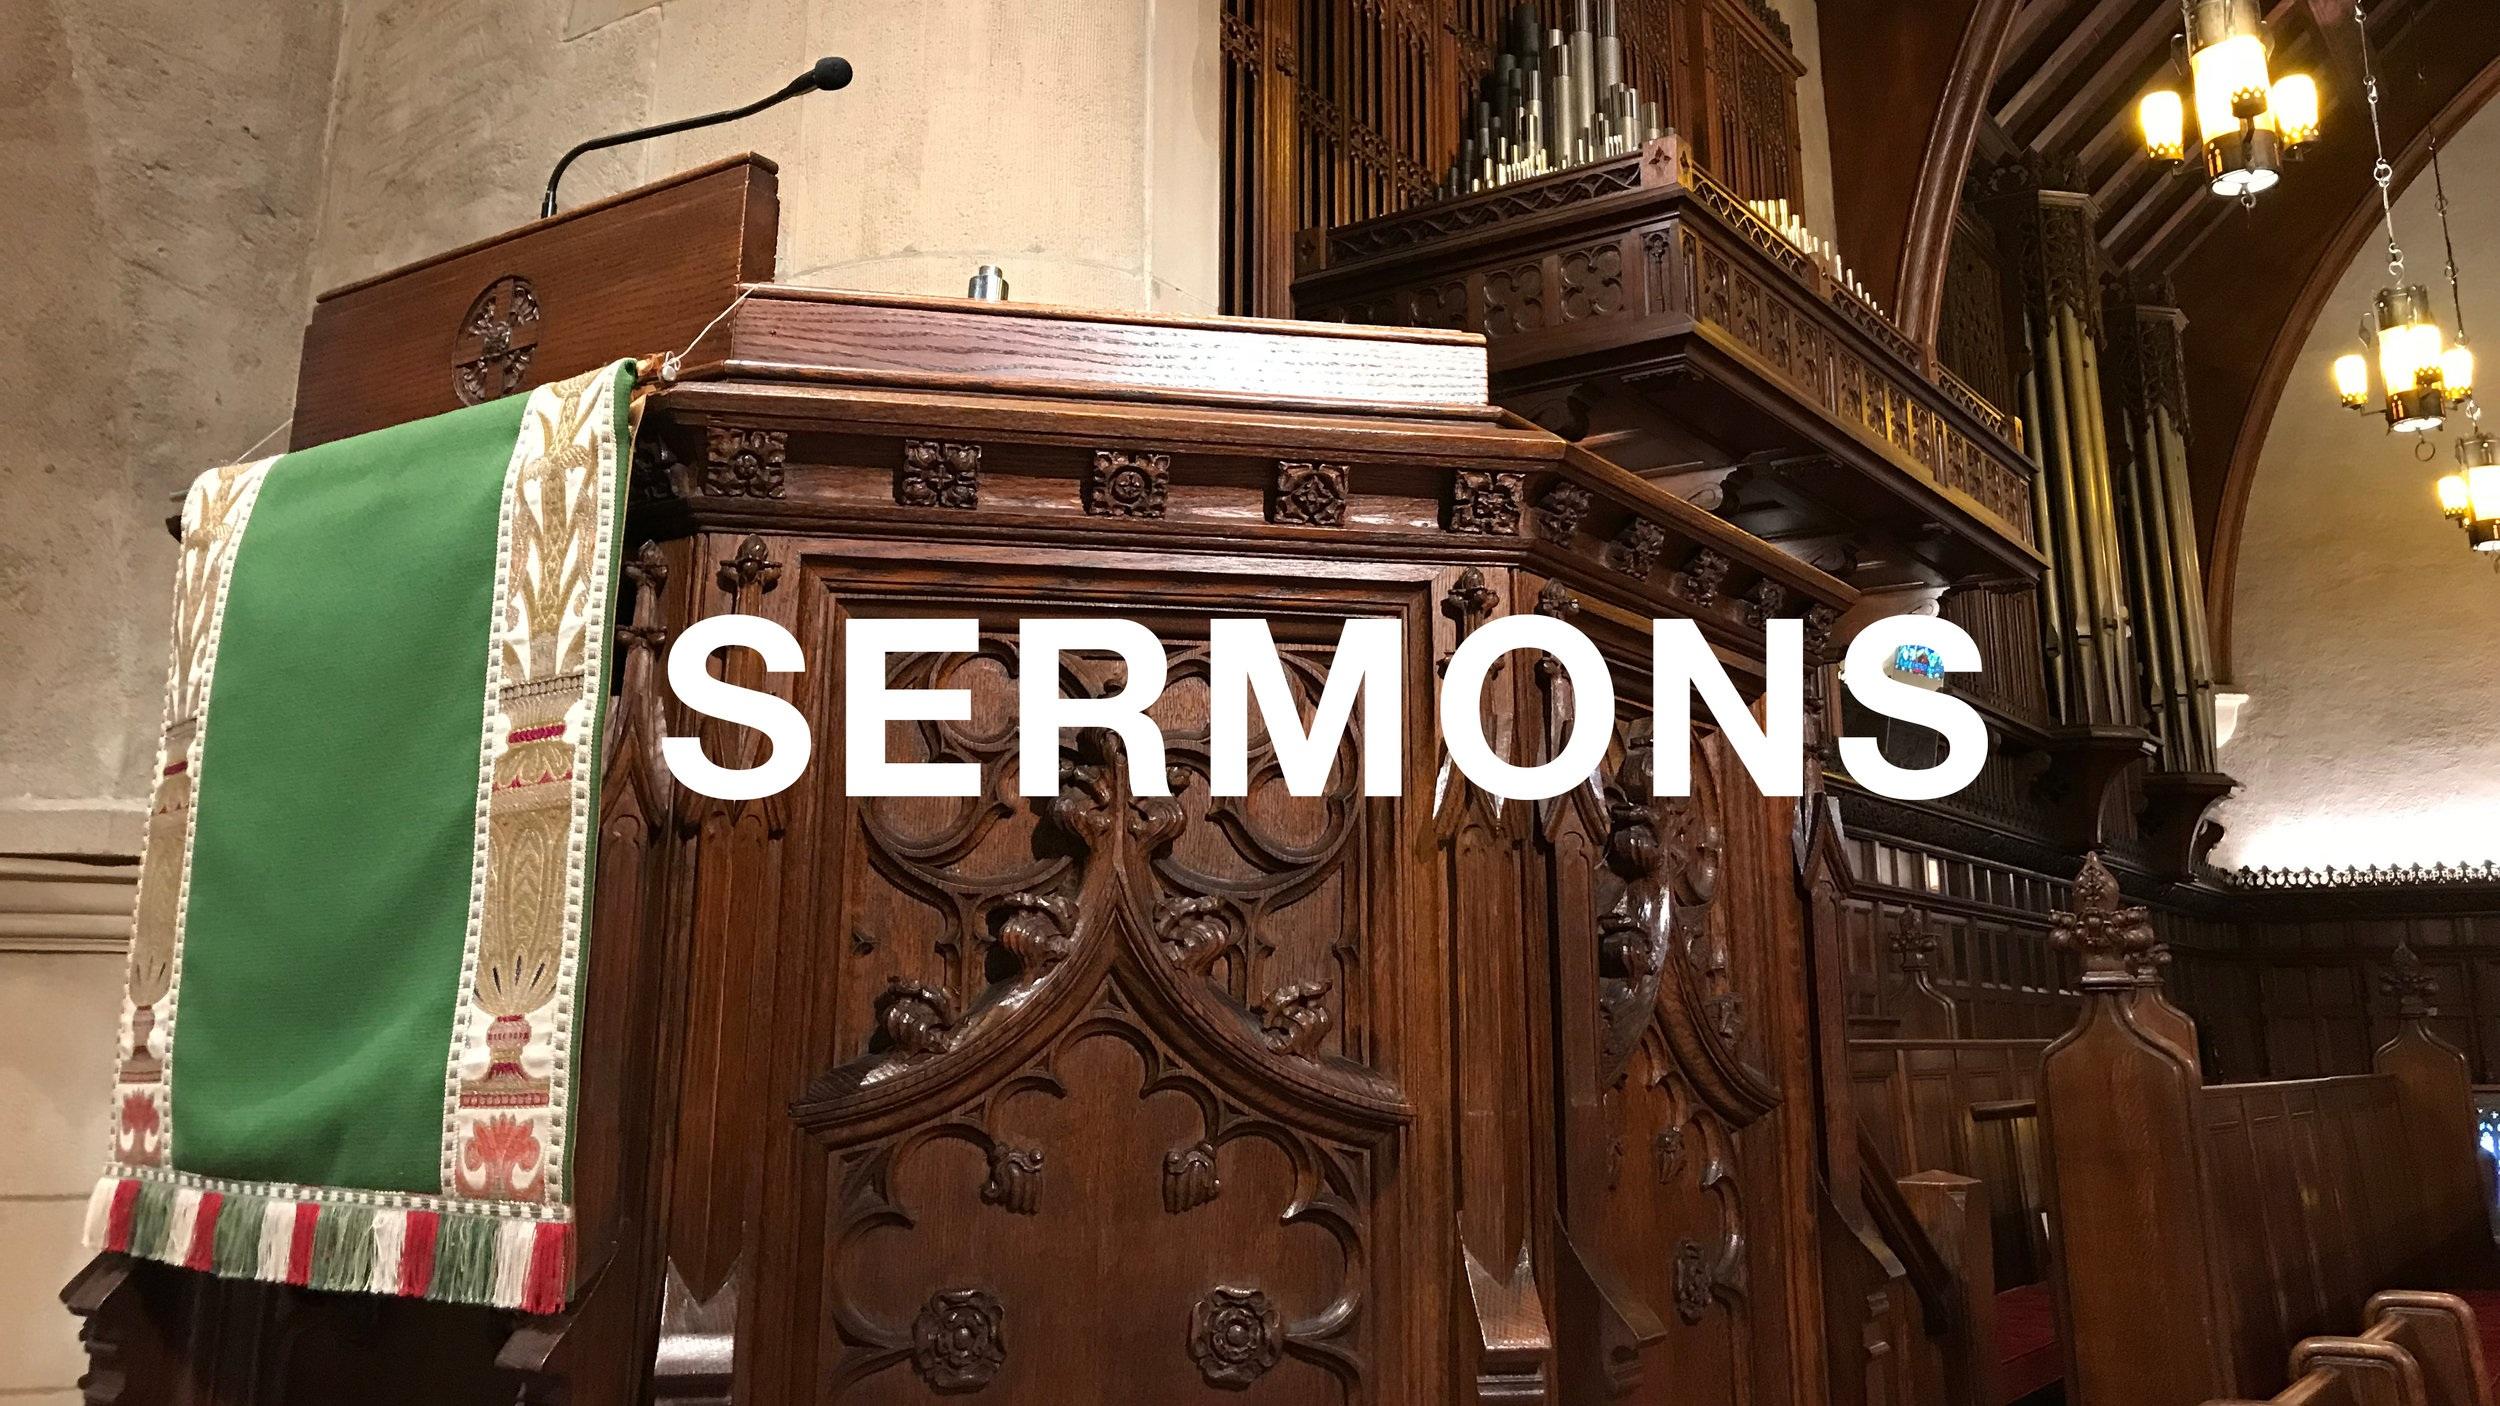 Sermons+photo+for+web+homepage.jpg